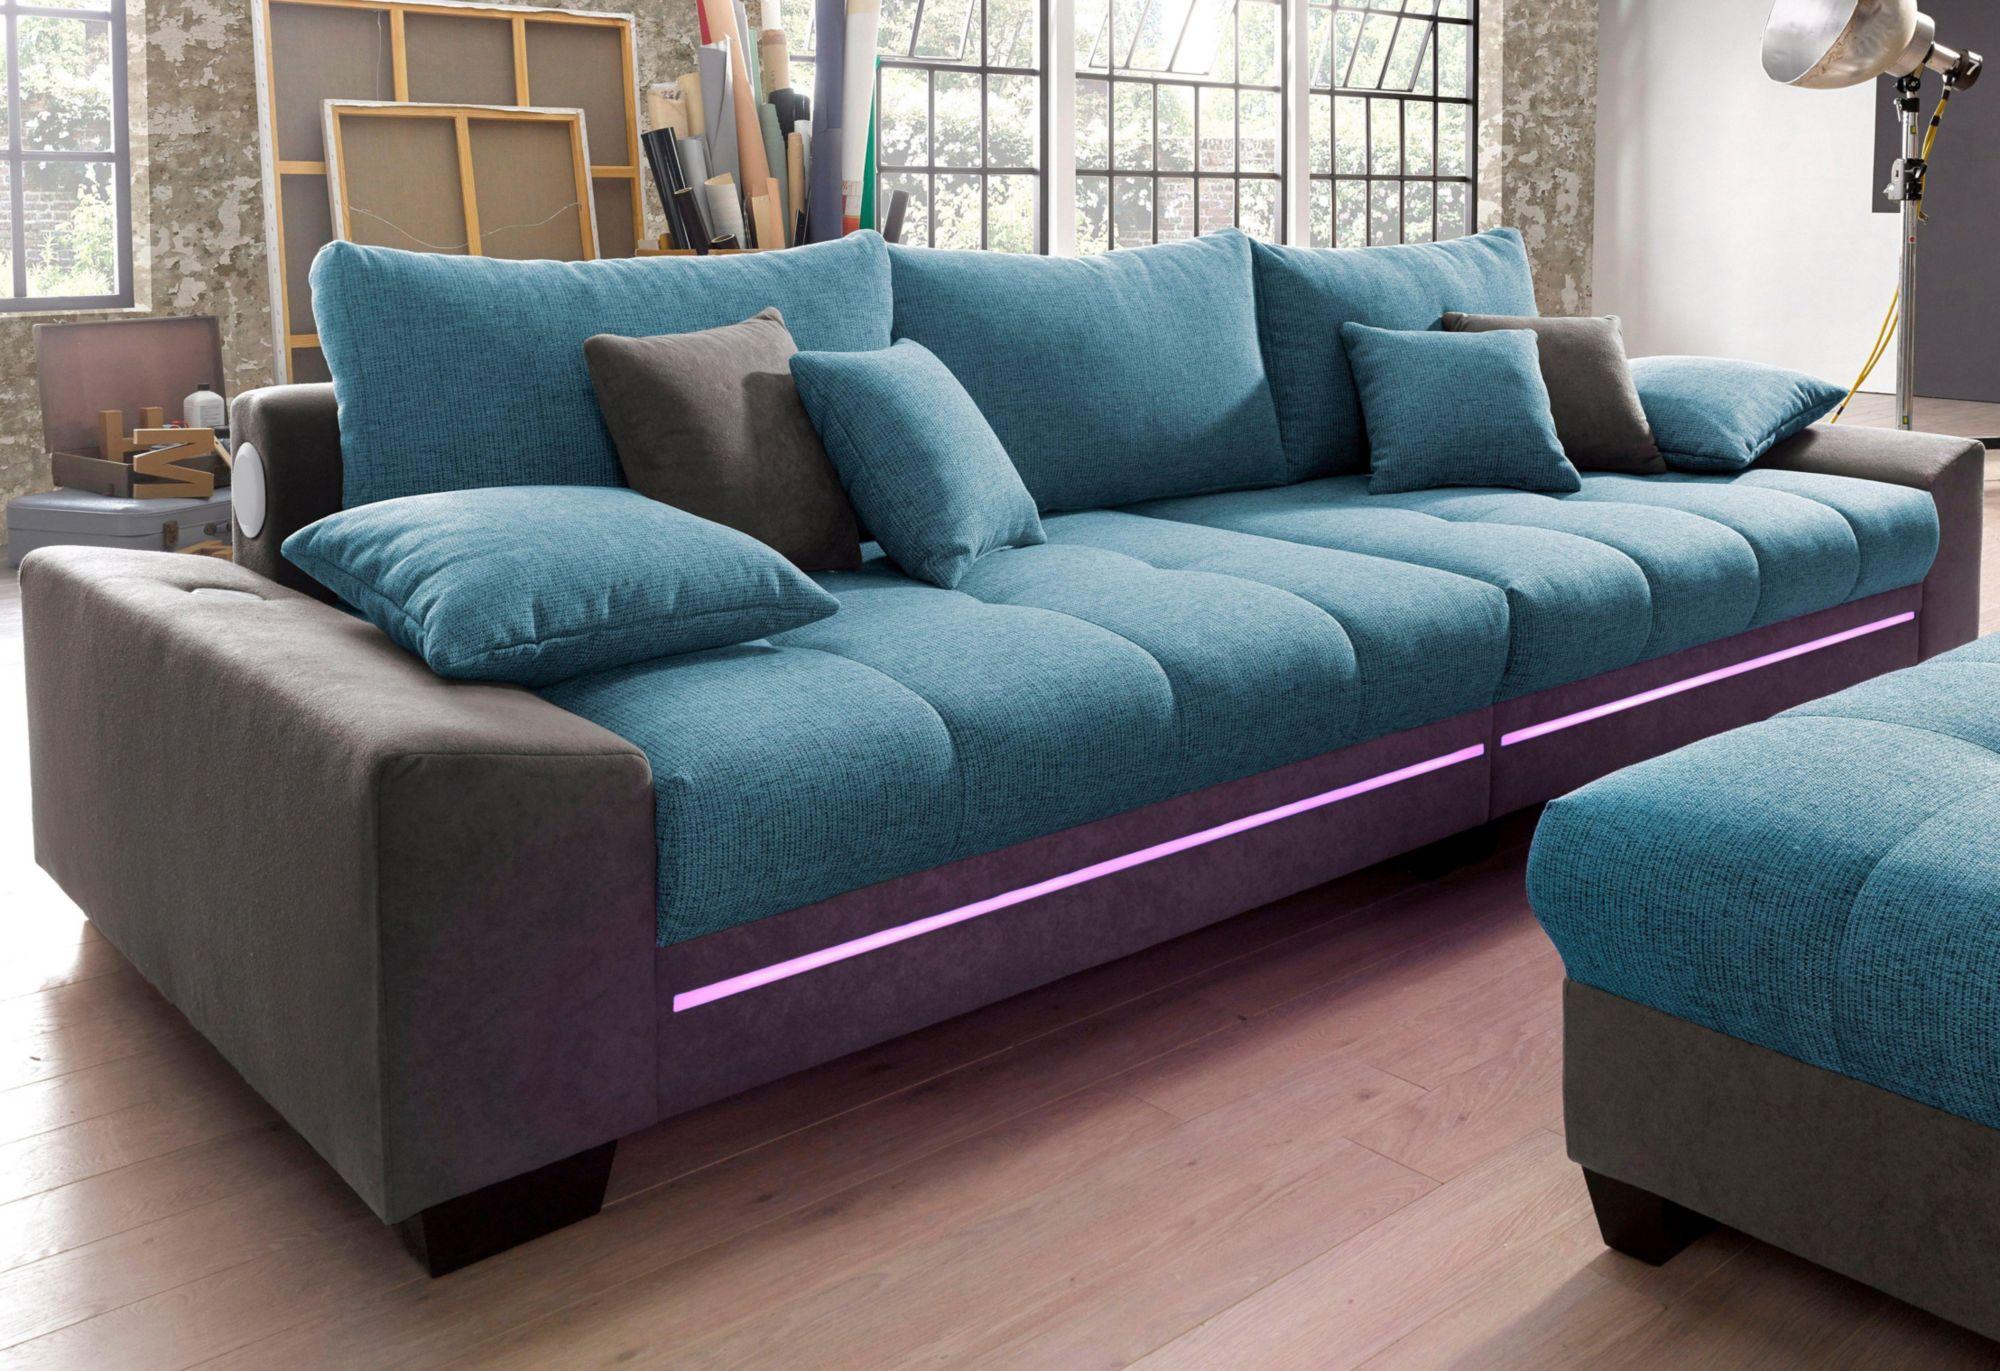 Big sofa mit beleuchtung wahlweise mit bluetooth soundsystem schwab versand sofas couches Sofa primabelle